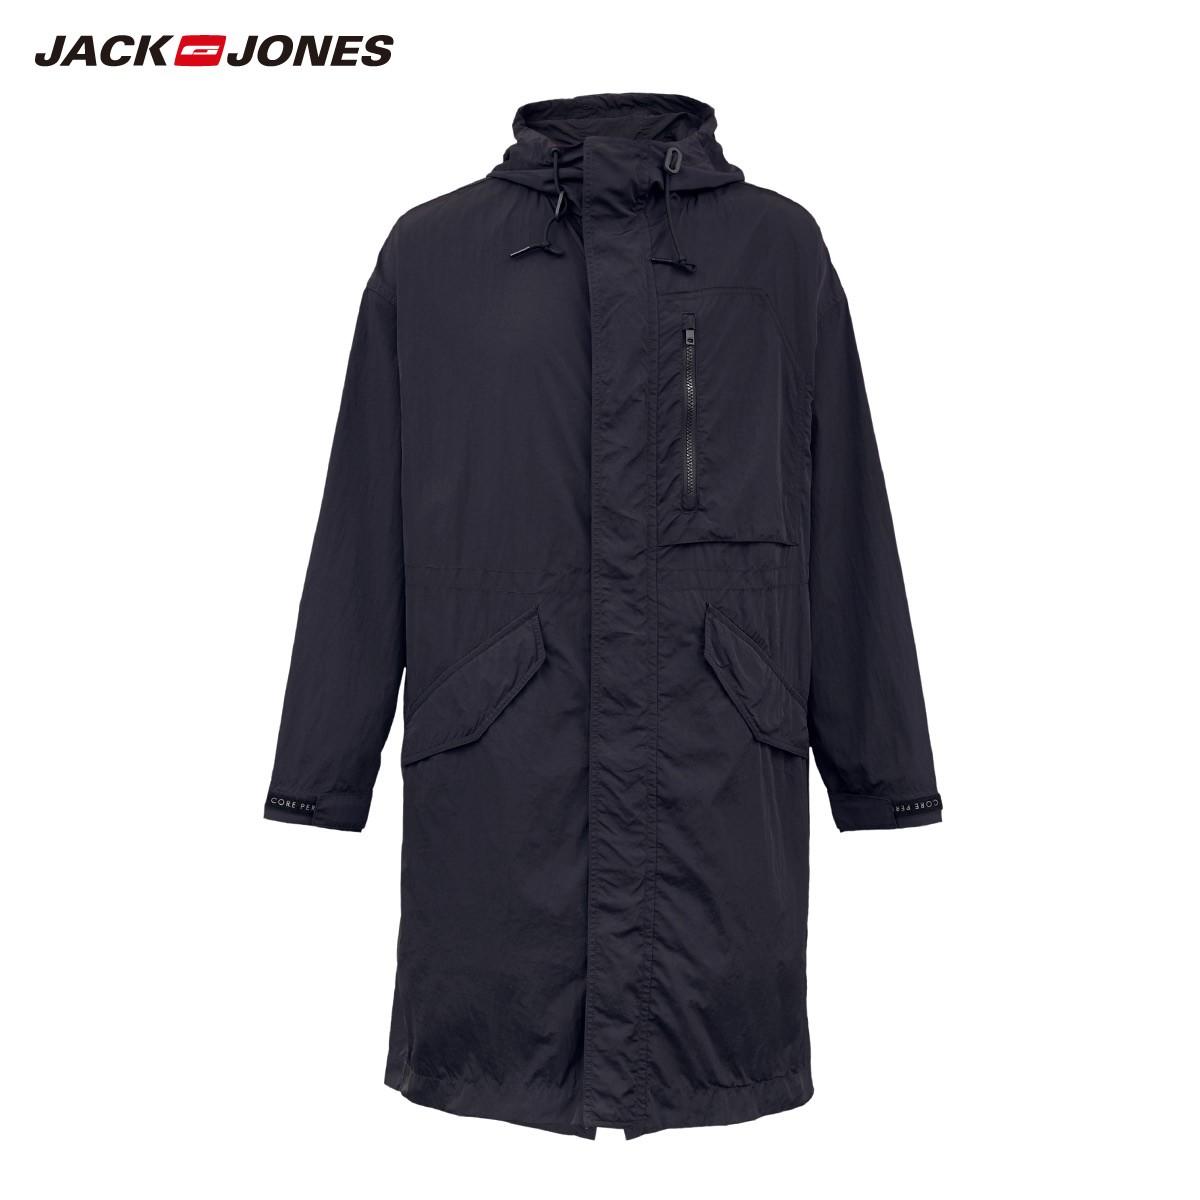 JackJones 杰克琼斯 219321547 男士中长款风衣外套中长款风衣外套